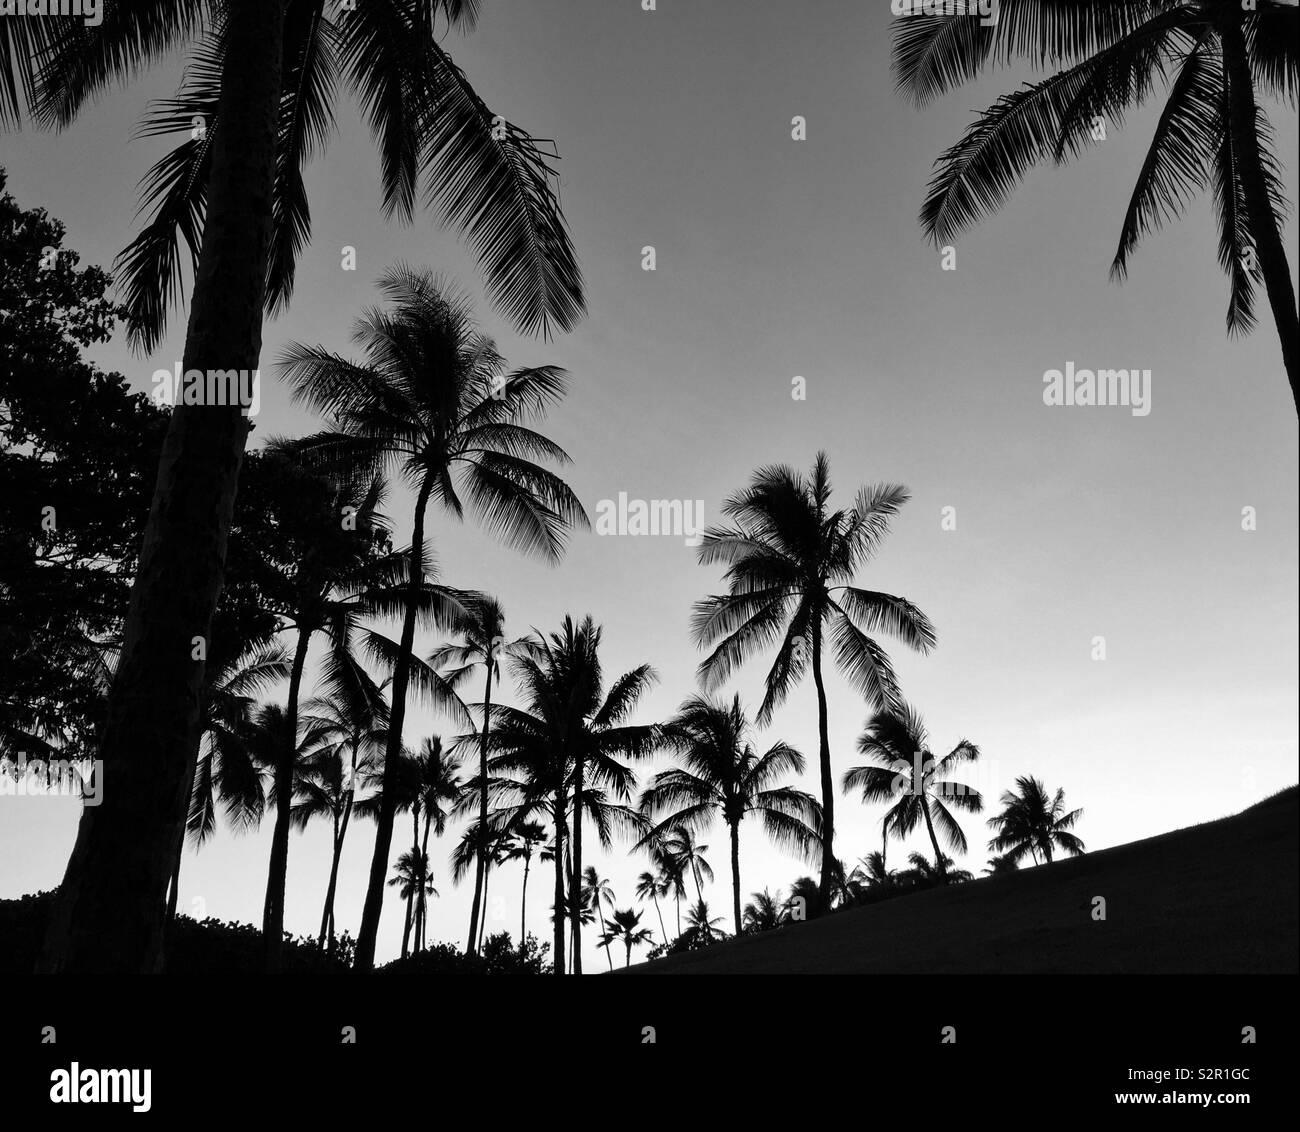 Plantation de cocotiers en noir et blanc Banque D'Images